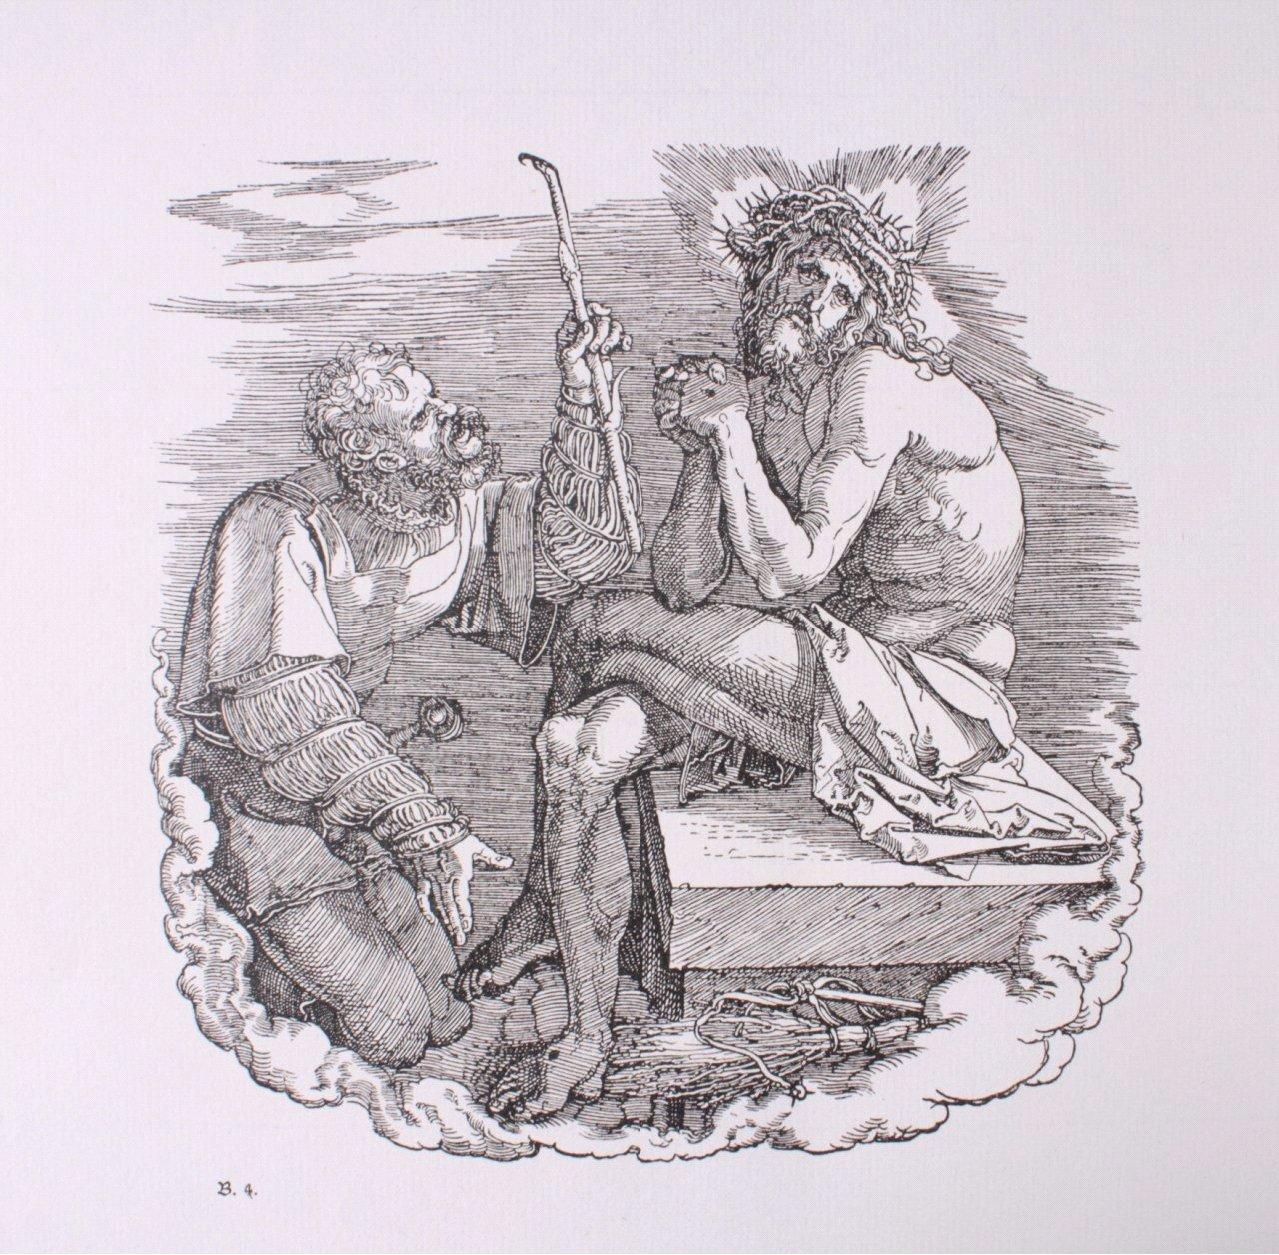 Große Passion von Albrecht Dürer